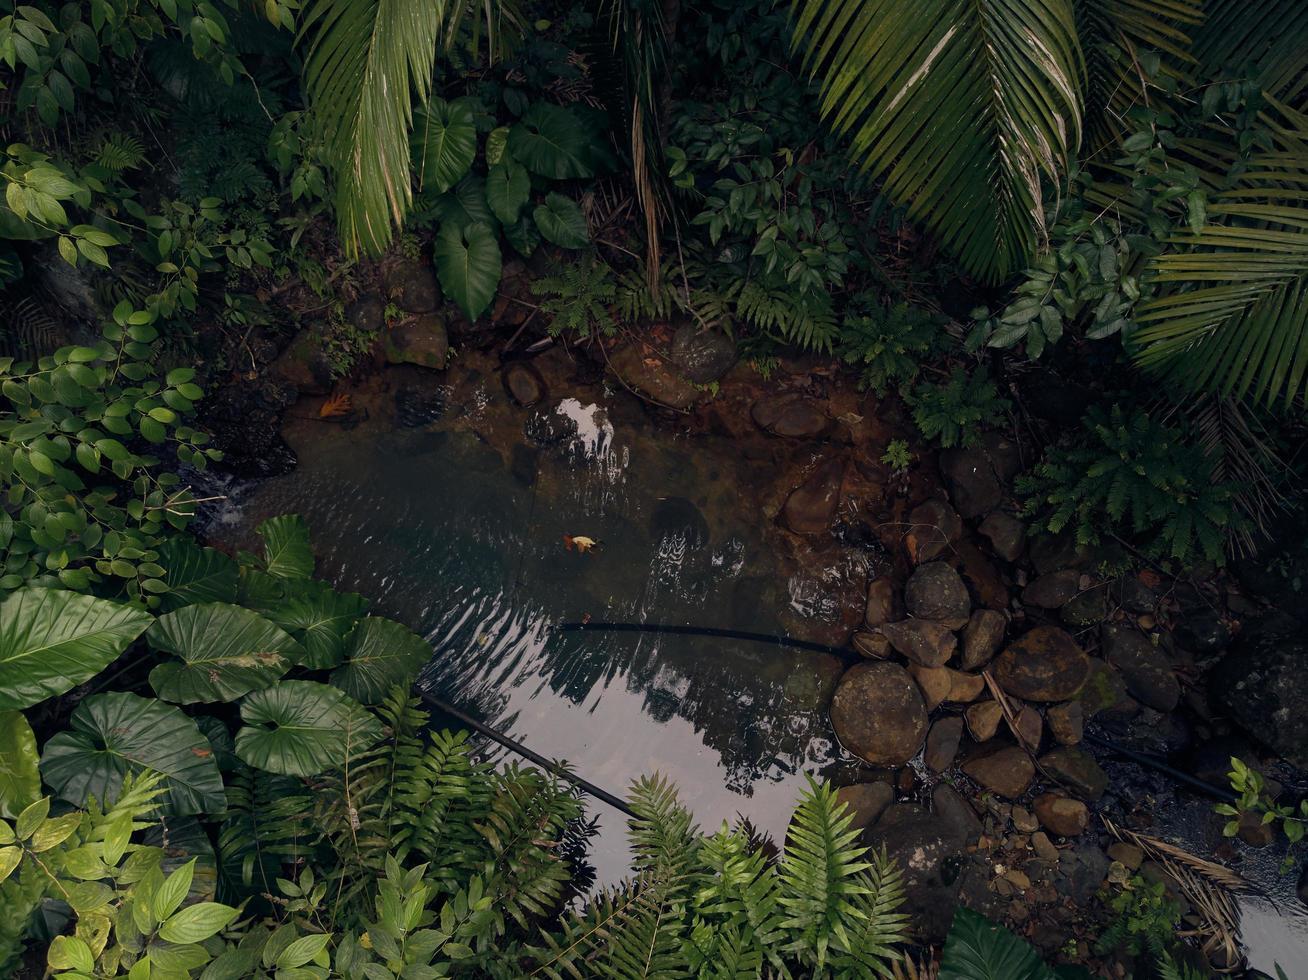 pozza d'acqua circondata da rocce e foglie foto